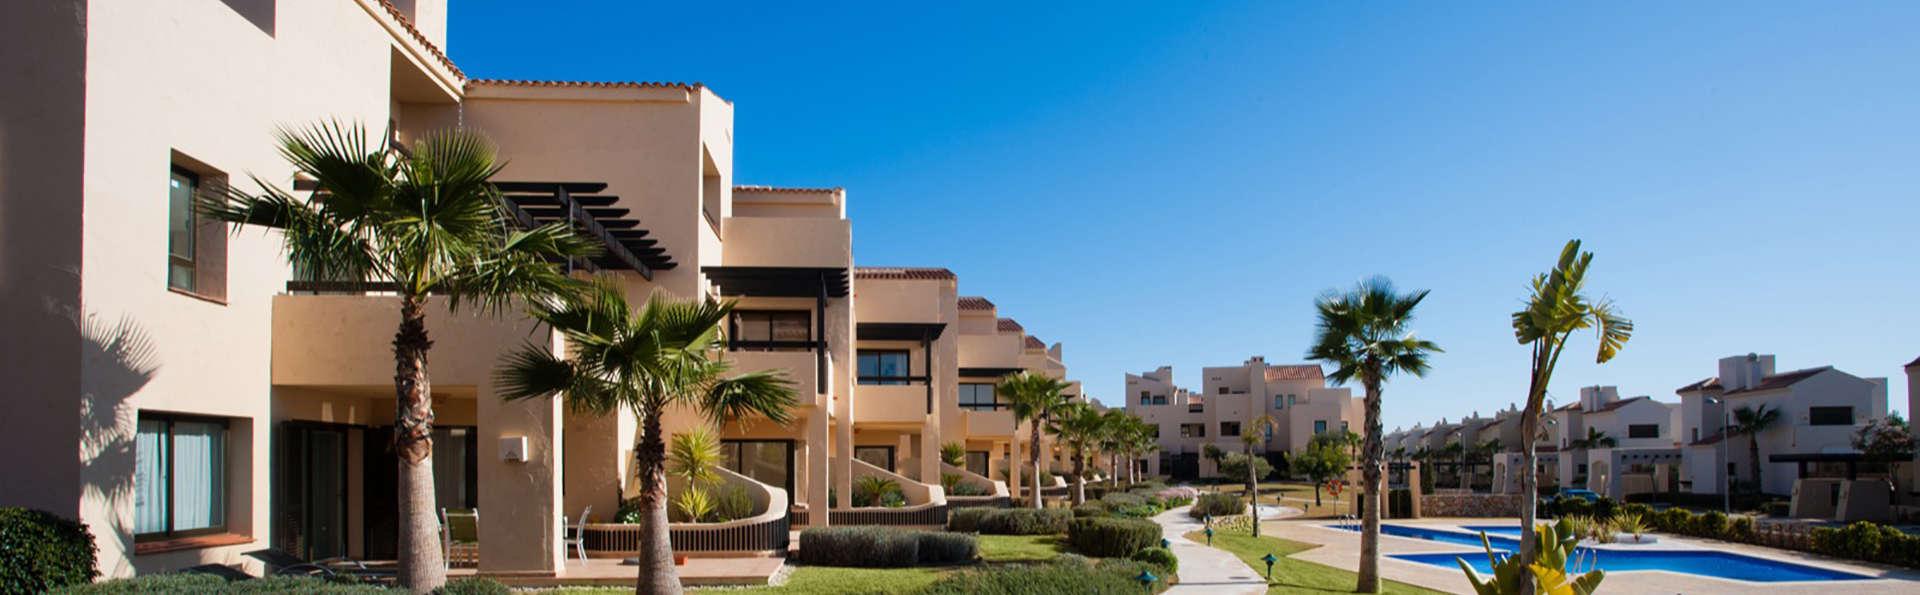 Apartamentos Turísticos Roda Golf & Beach Resort - edit_Brisa_Panoramic.jpg